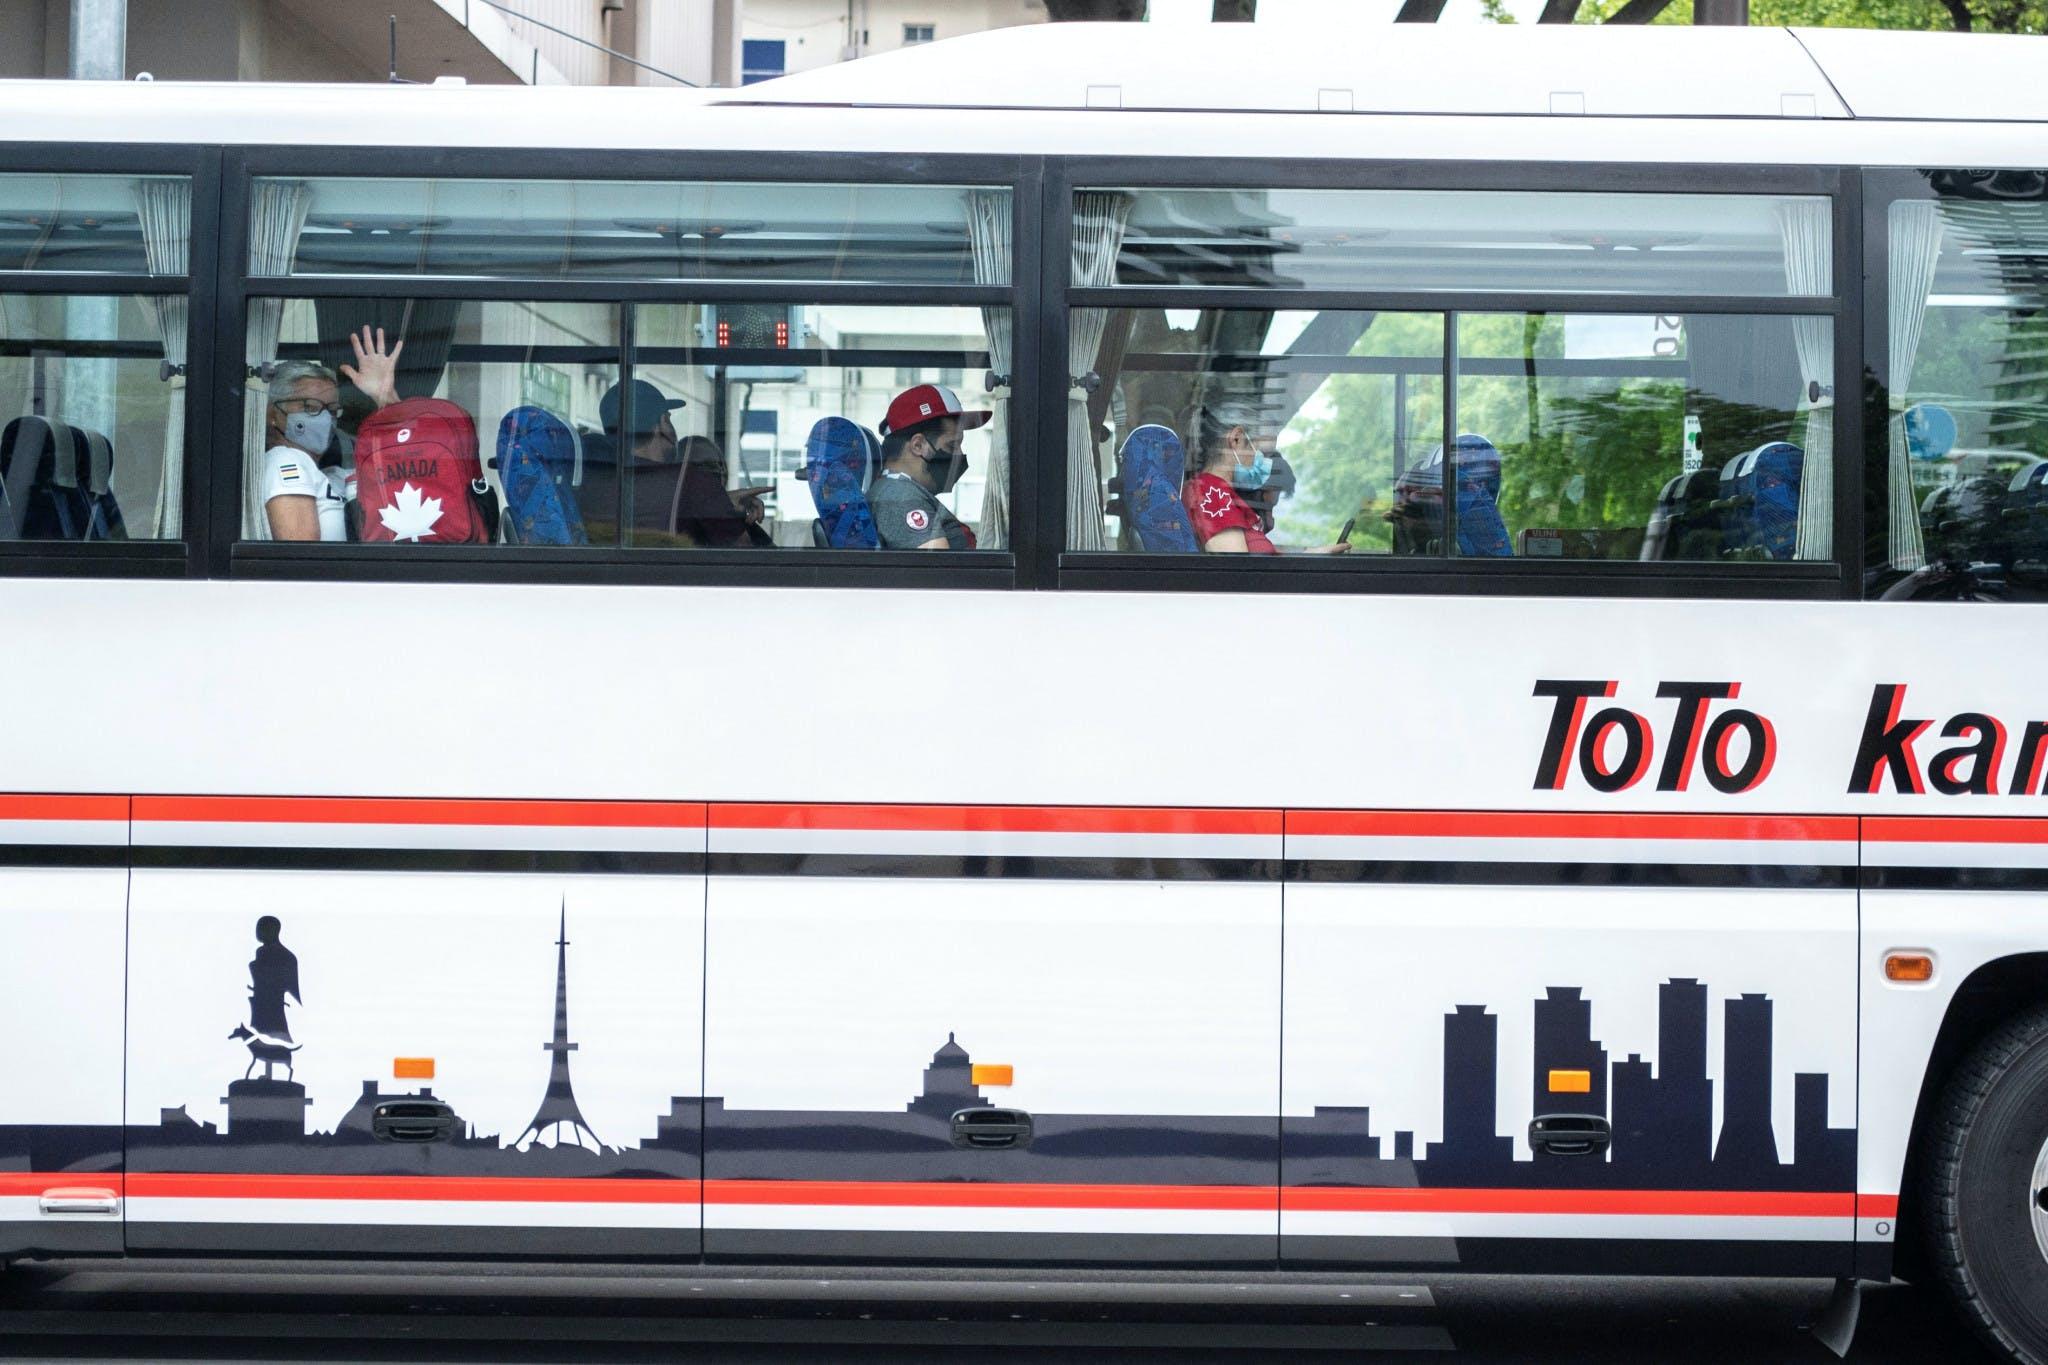 Έφτασαν στο Ολυμπιακό χωριό του Τόκιο οι πρώτοι αθλητές